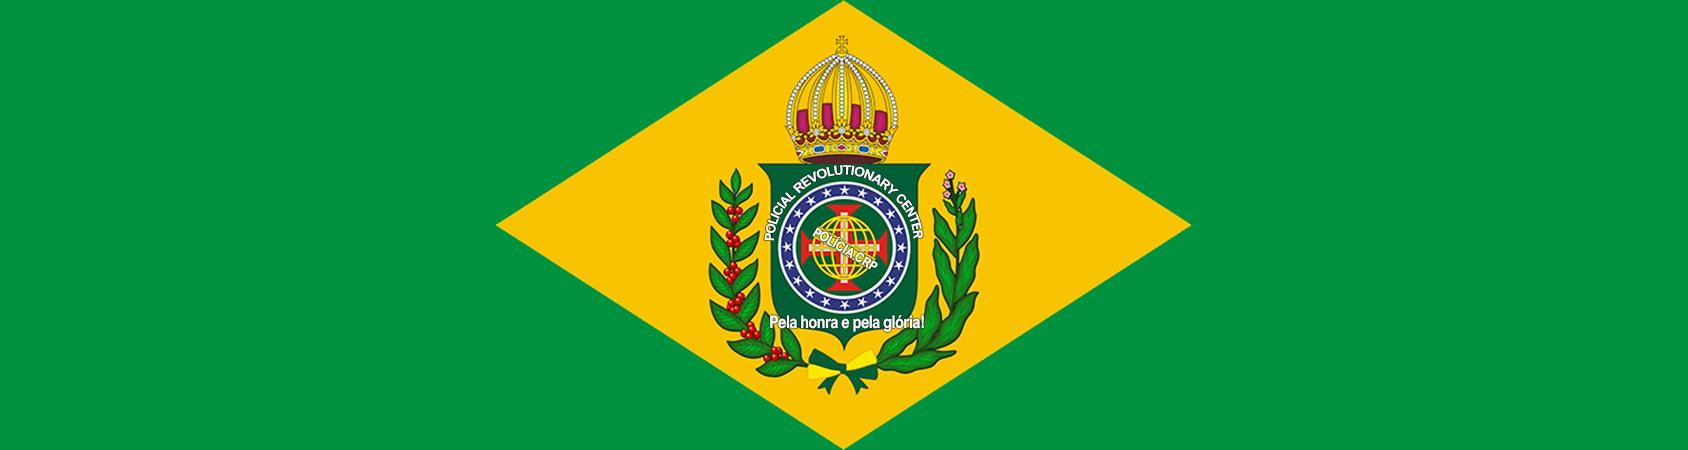 [Banner] Bandeira do governo Ah0nlb10